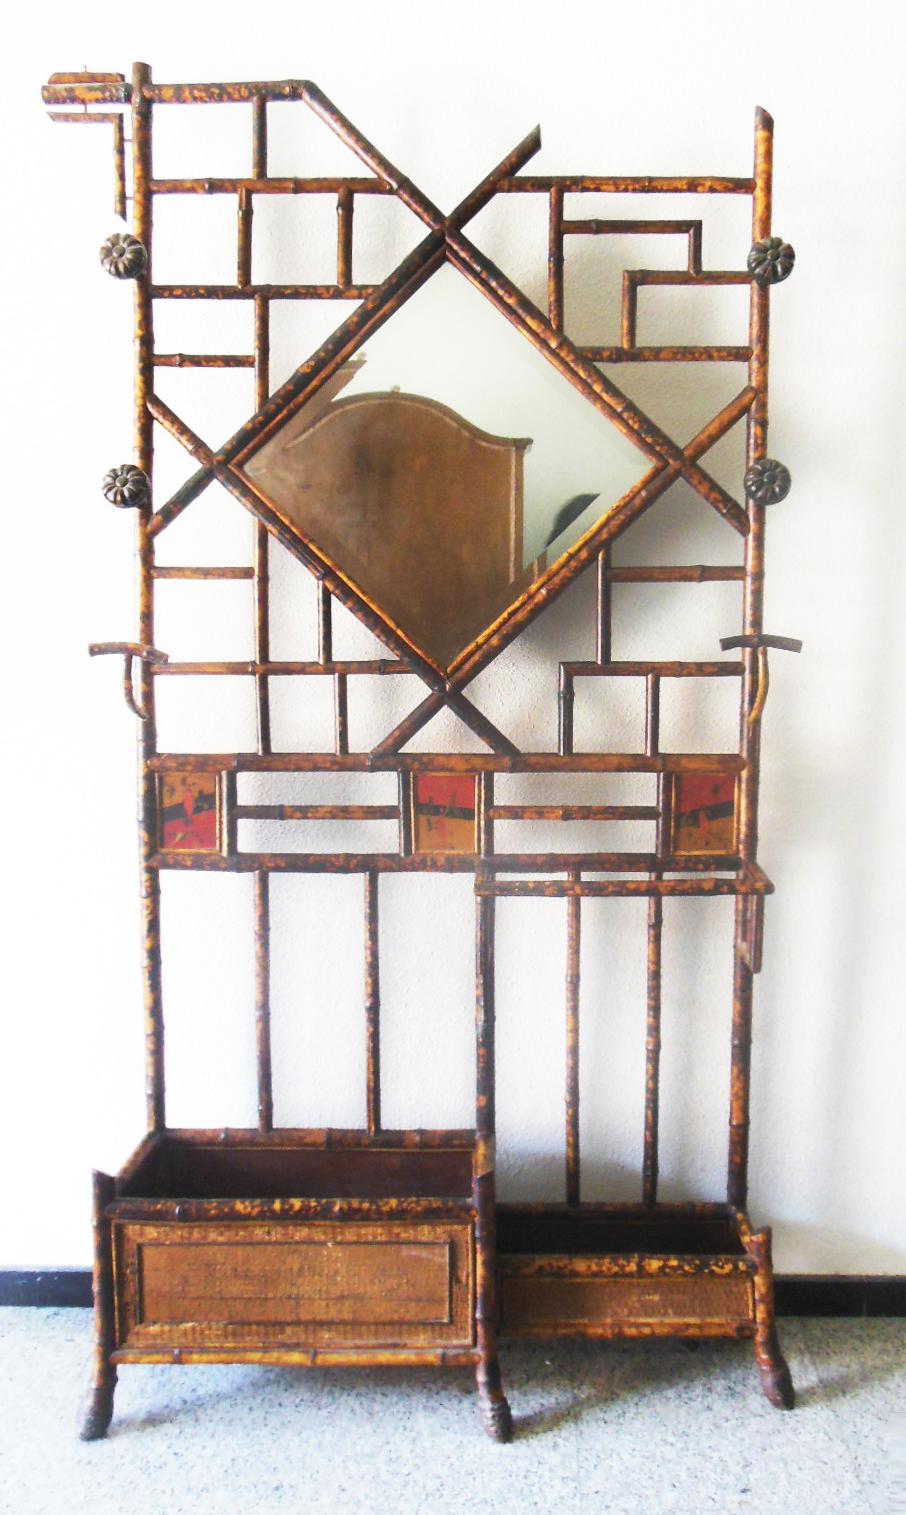 entrada chippendale chinoiserie S XVII o principios XIX la josa gllery1